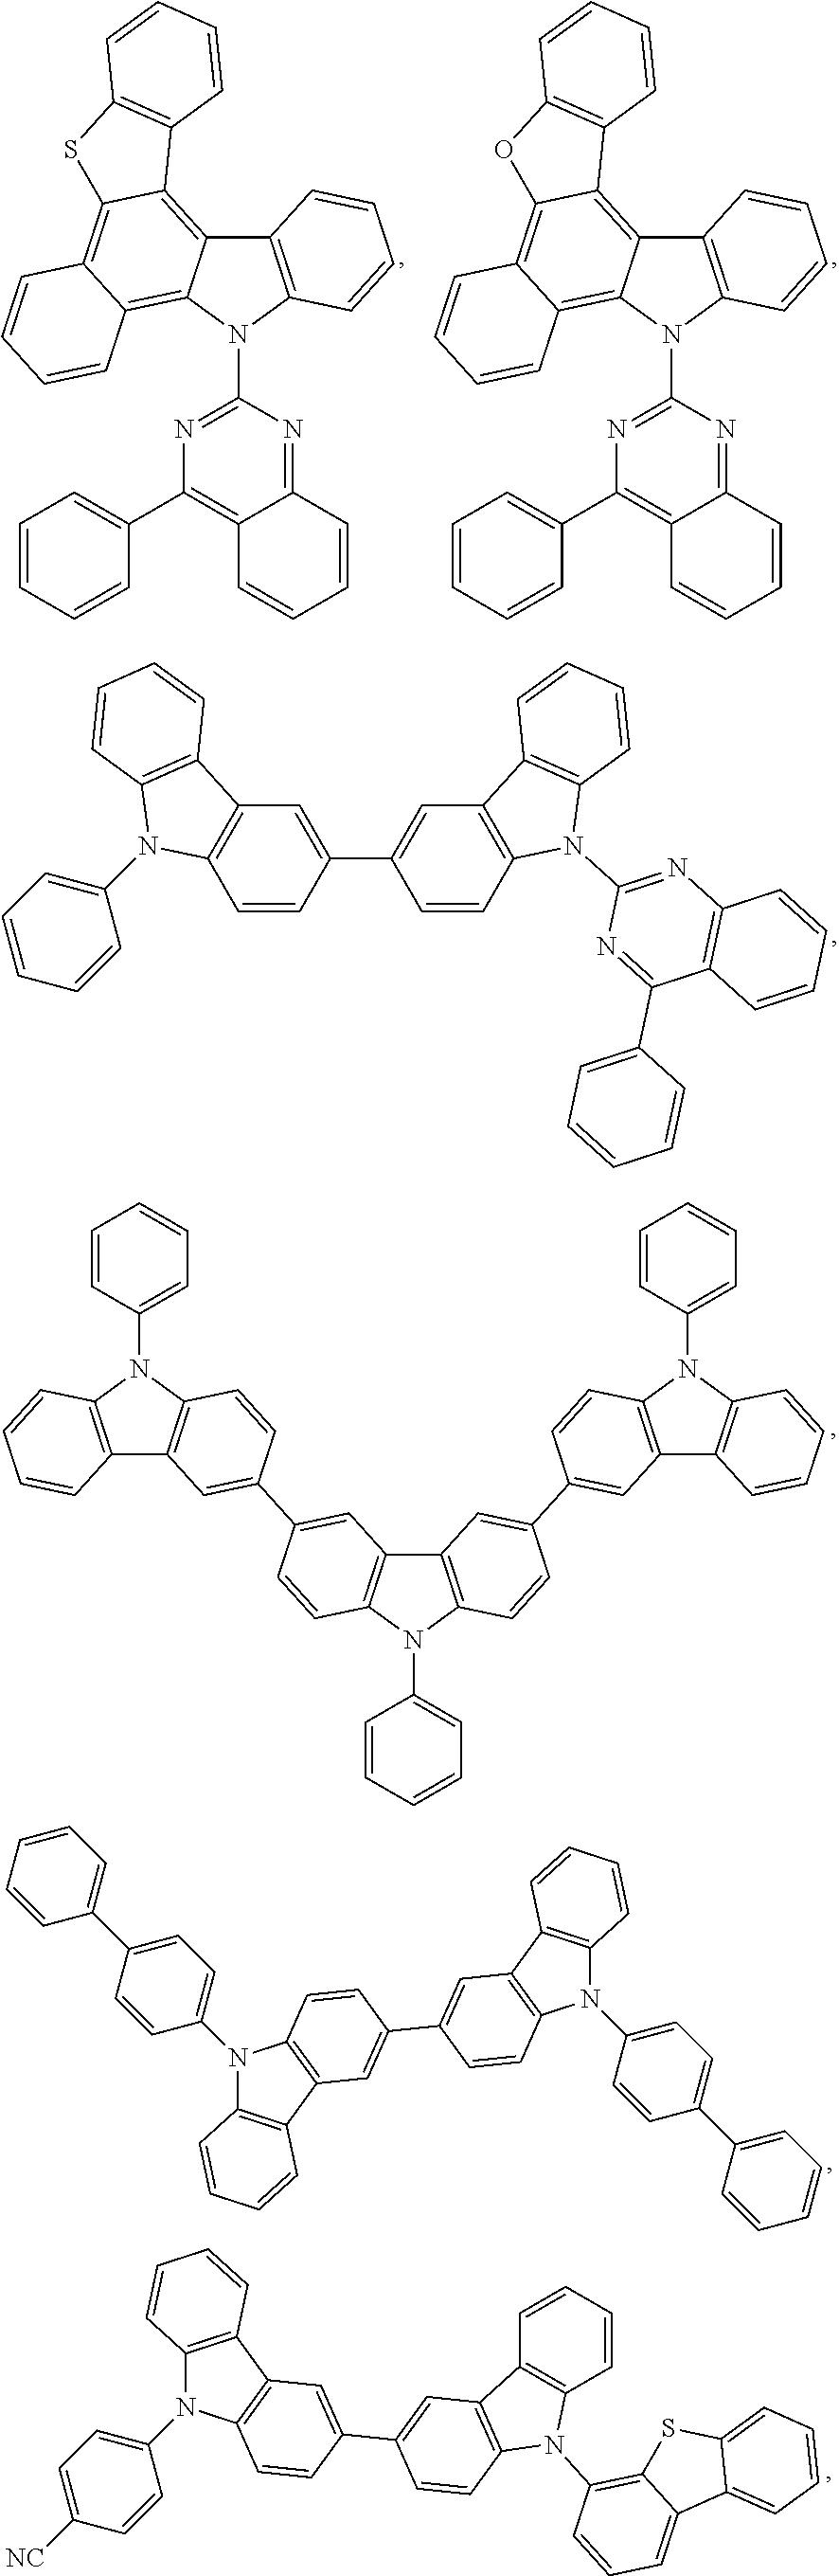 Figure US20180130962A1-20180510-C00138